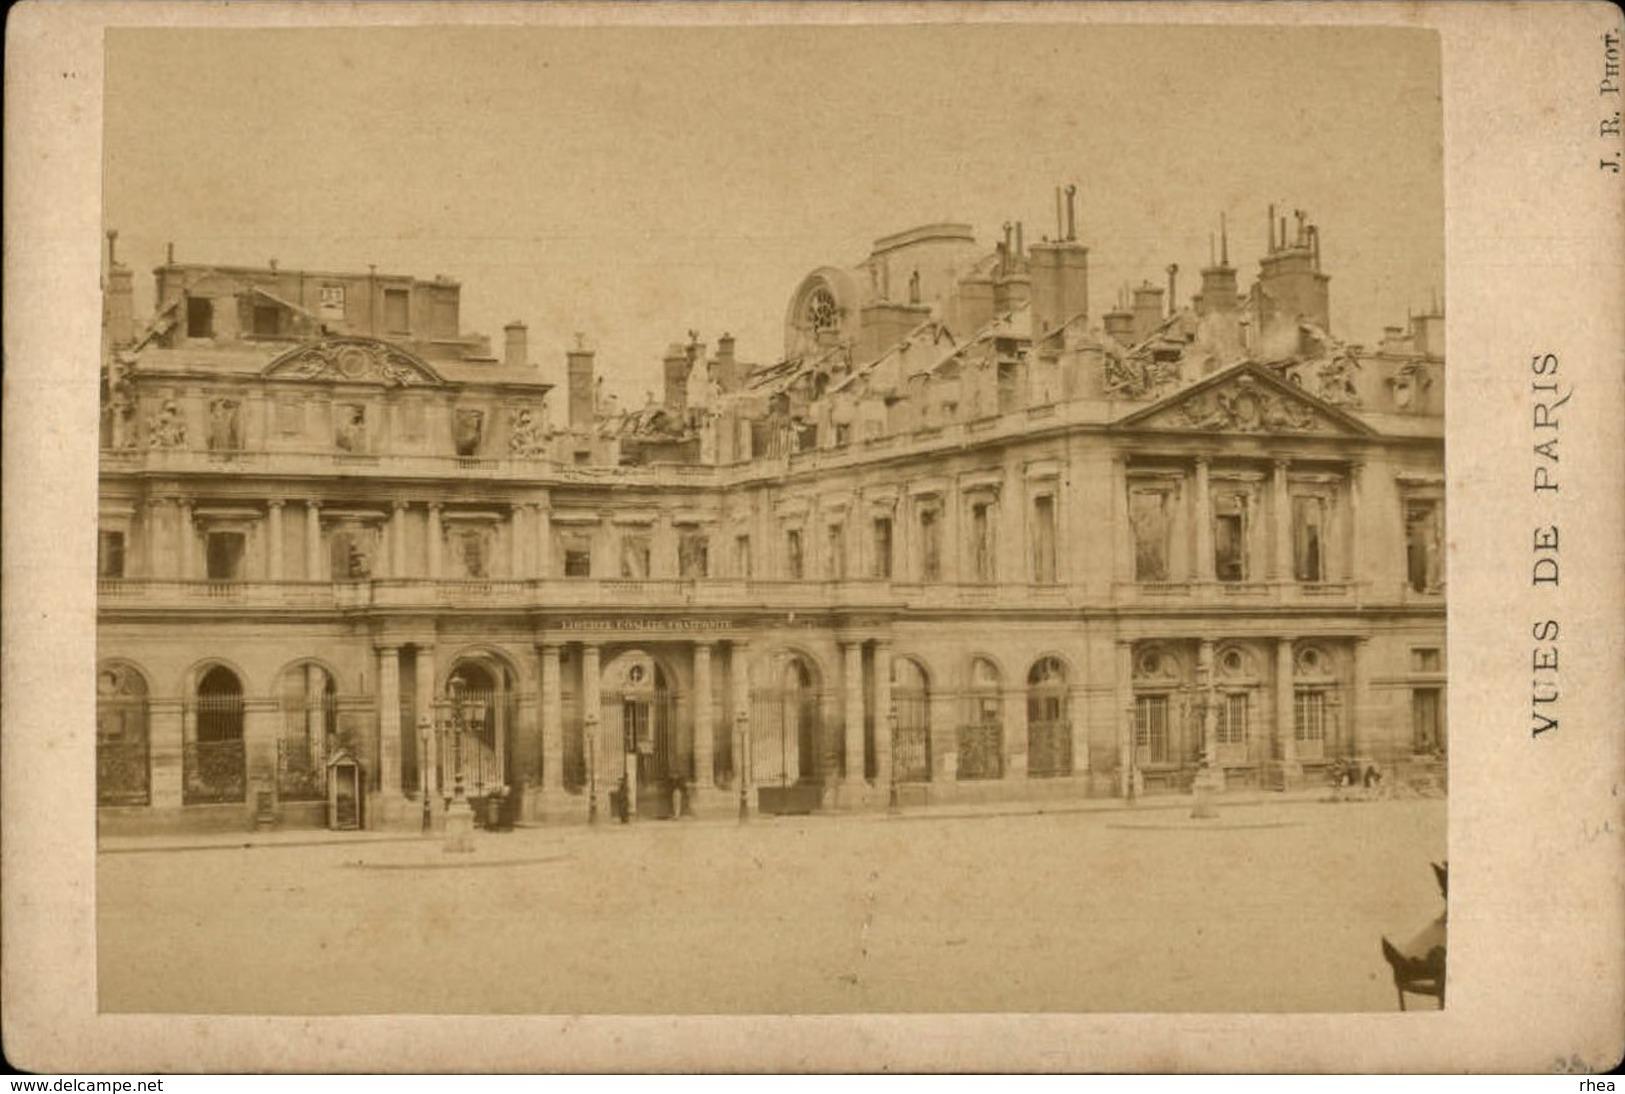 75 - PARIS - PHOTO Sur Carton - Façade Du Palais Royal Après L'incendie - Lieux